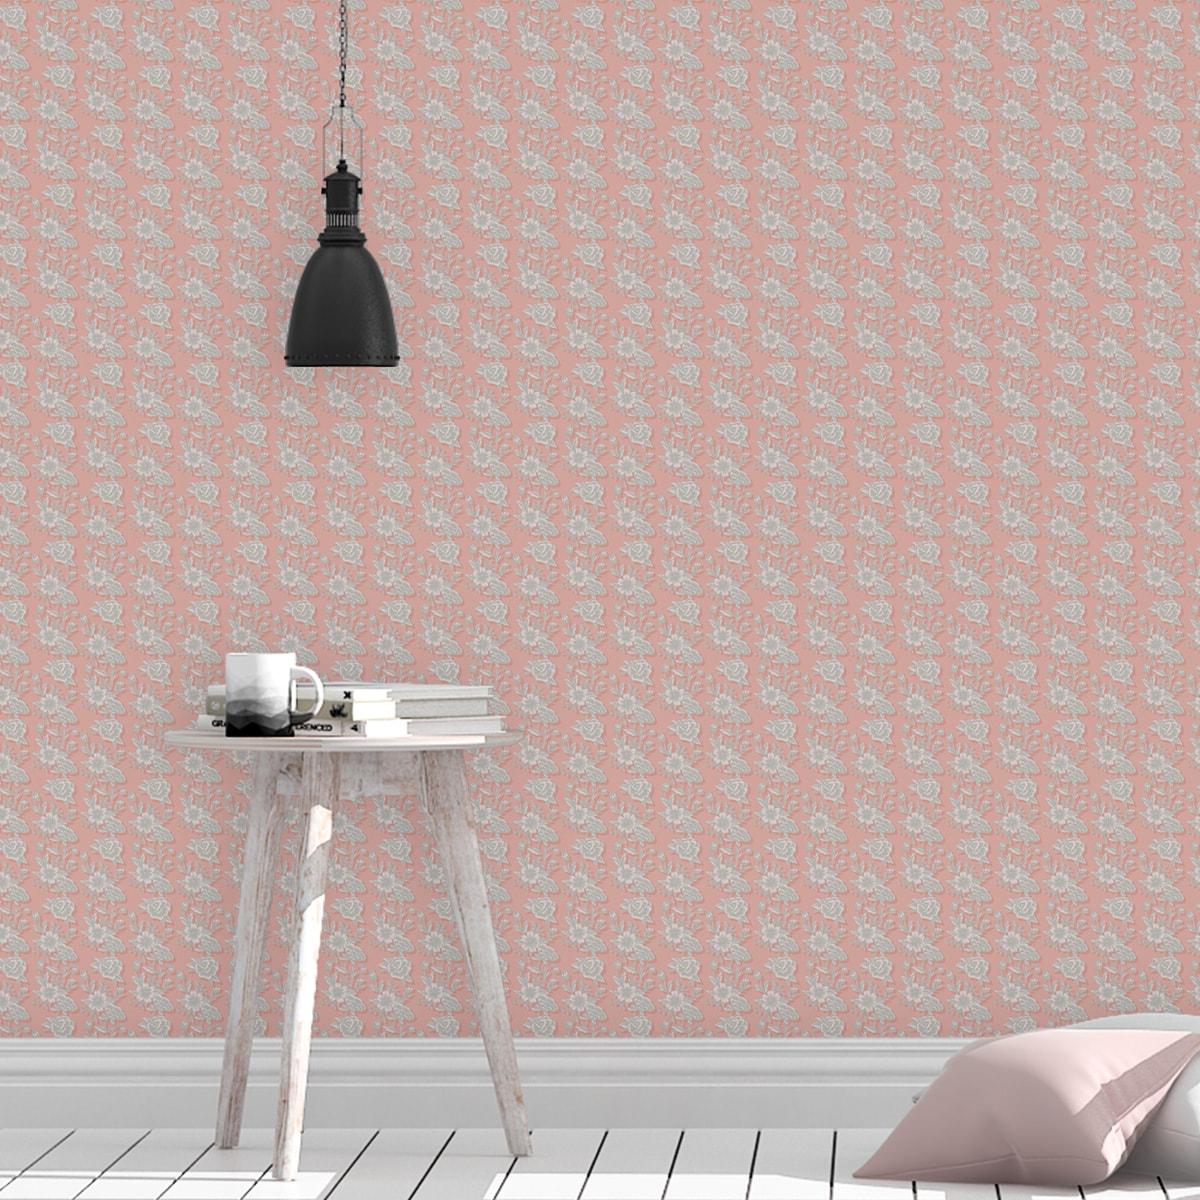 Tapete Wohnzimmer pink: Schöne Blümchen Tapete